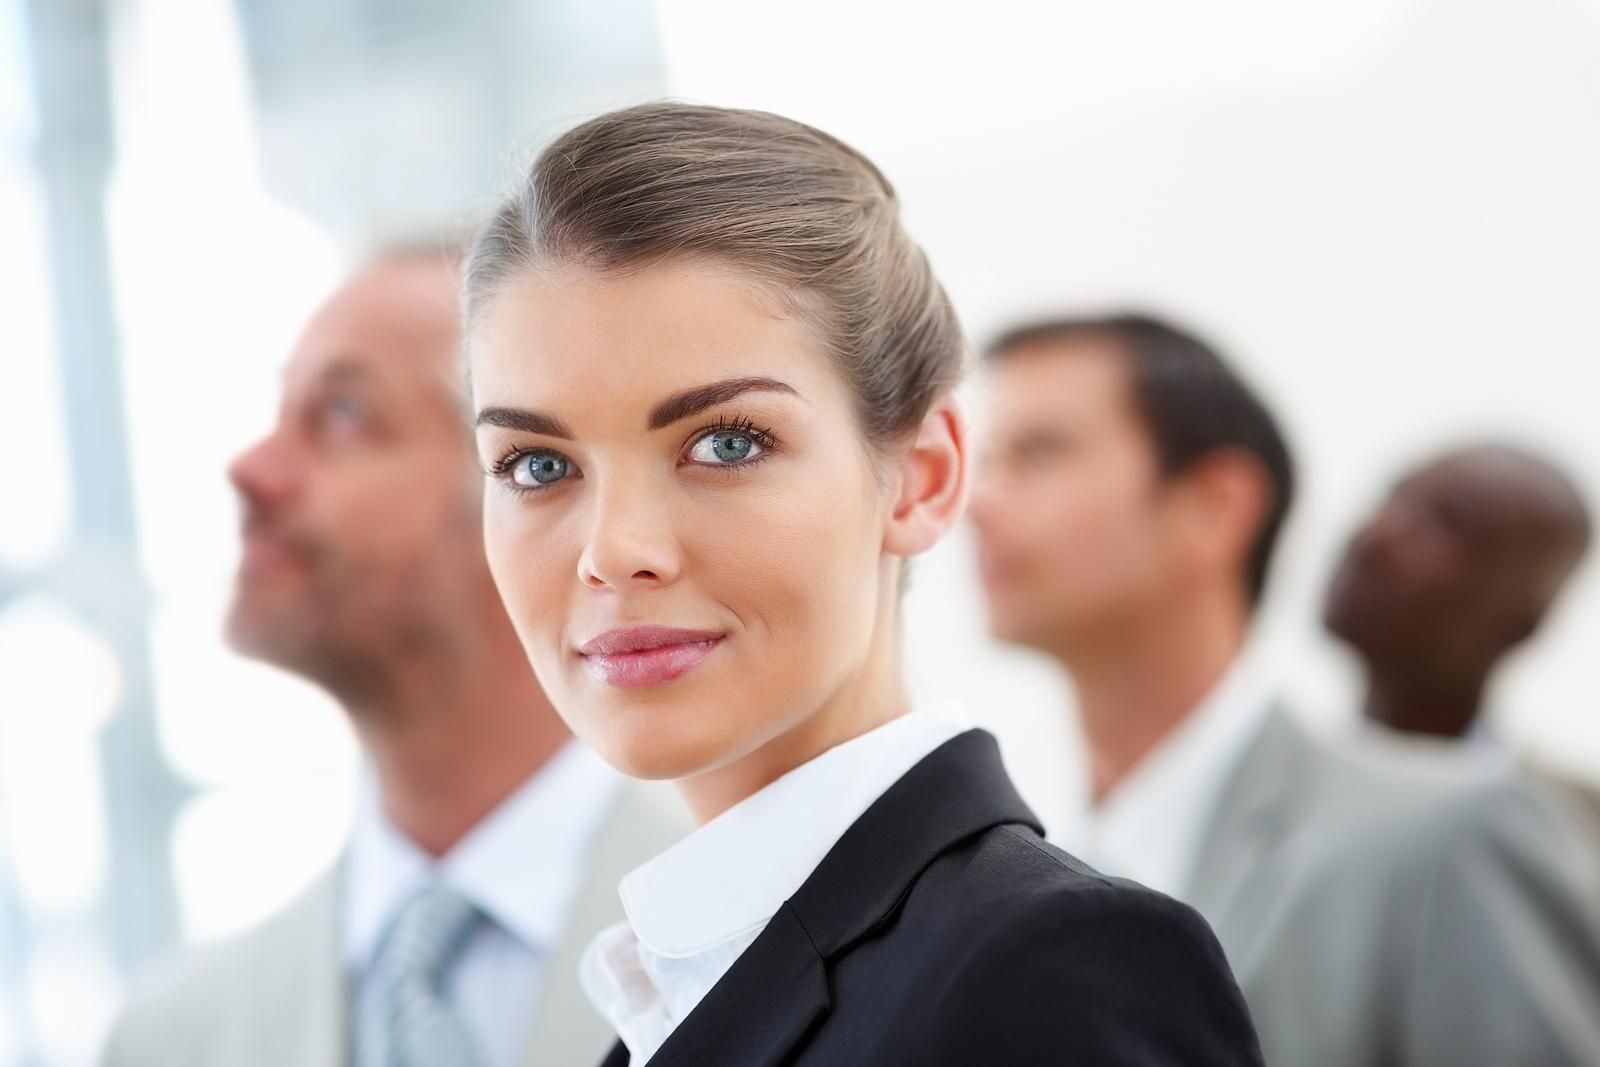 Фото девушки с деловым мужчиной